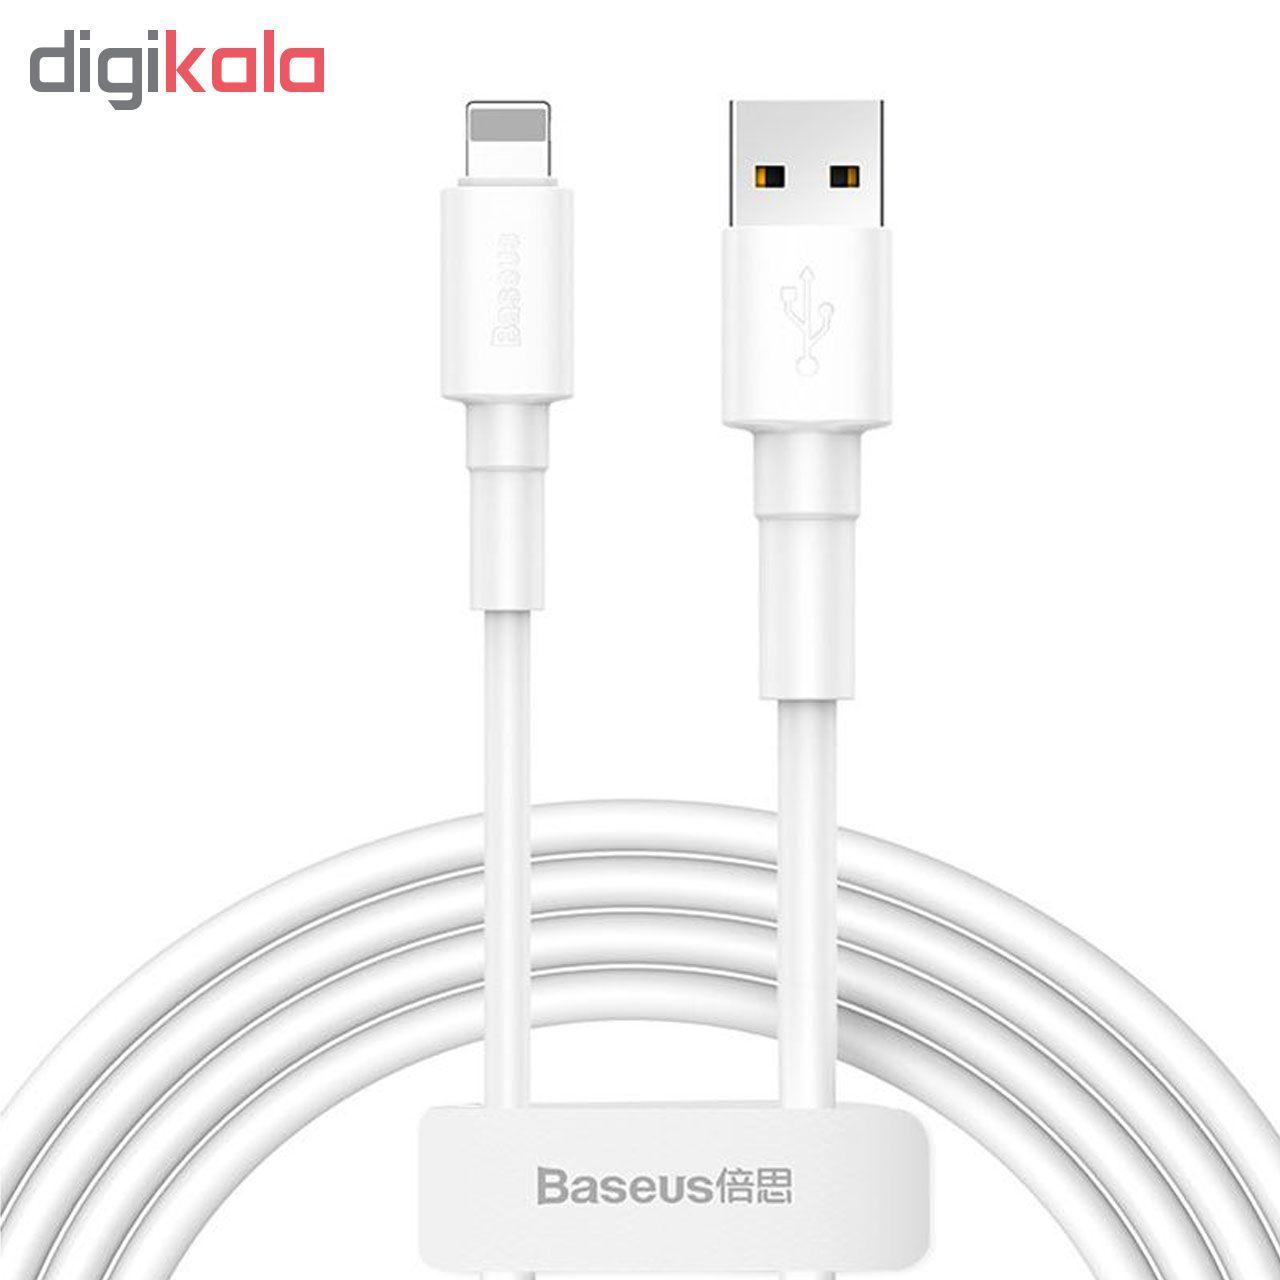 کابل تبدیل USB به لایتنینگ باسئوس مدل CALSW-02 طول 1 متر main 1 1